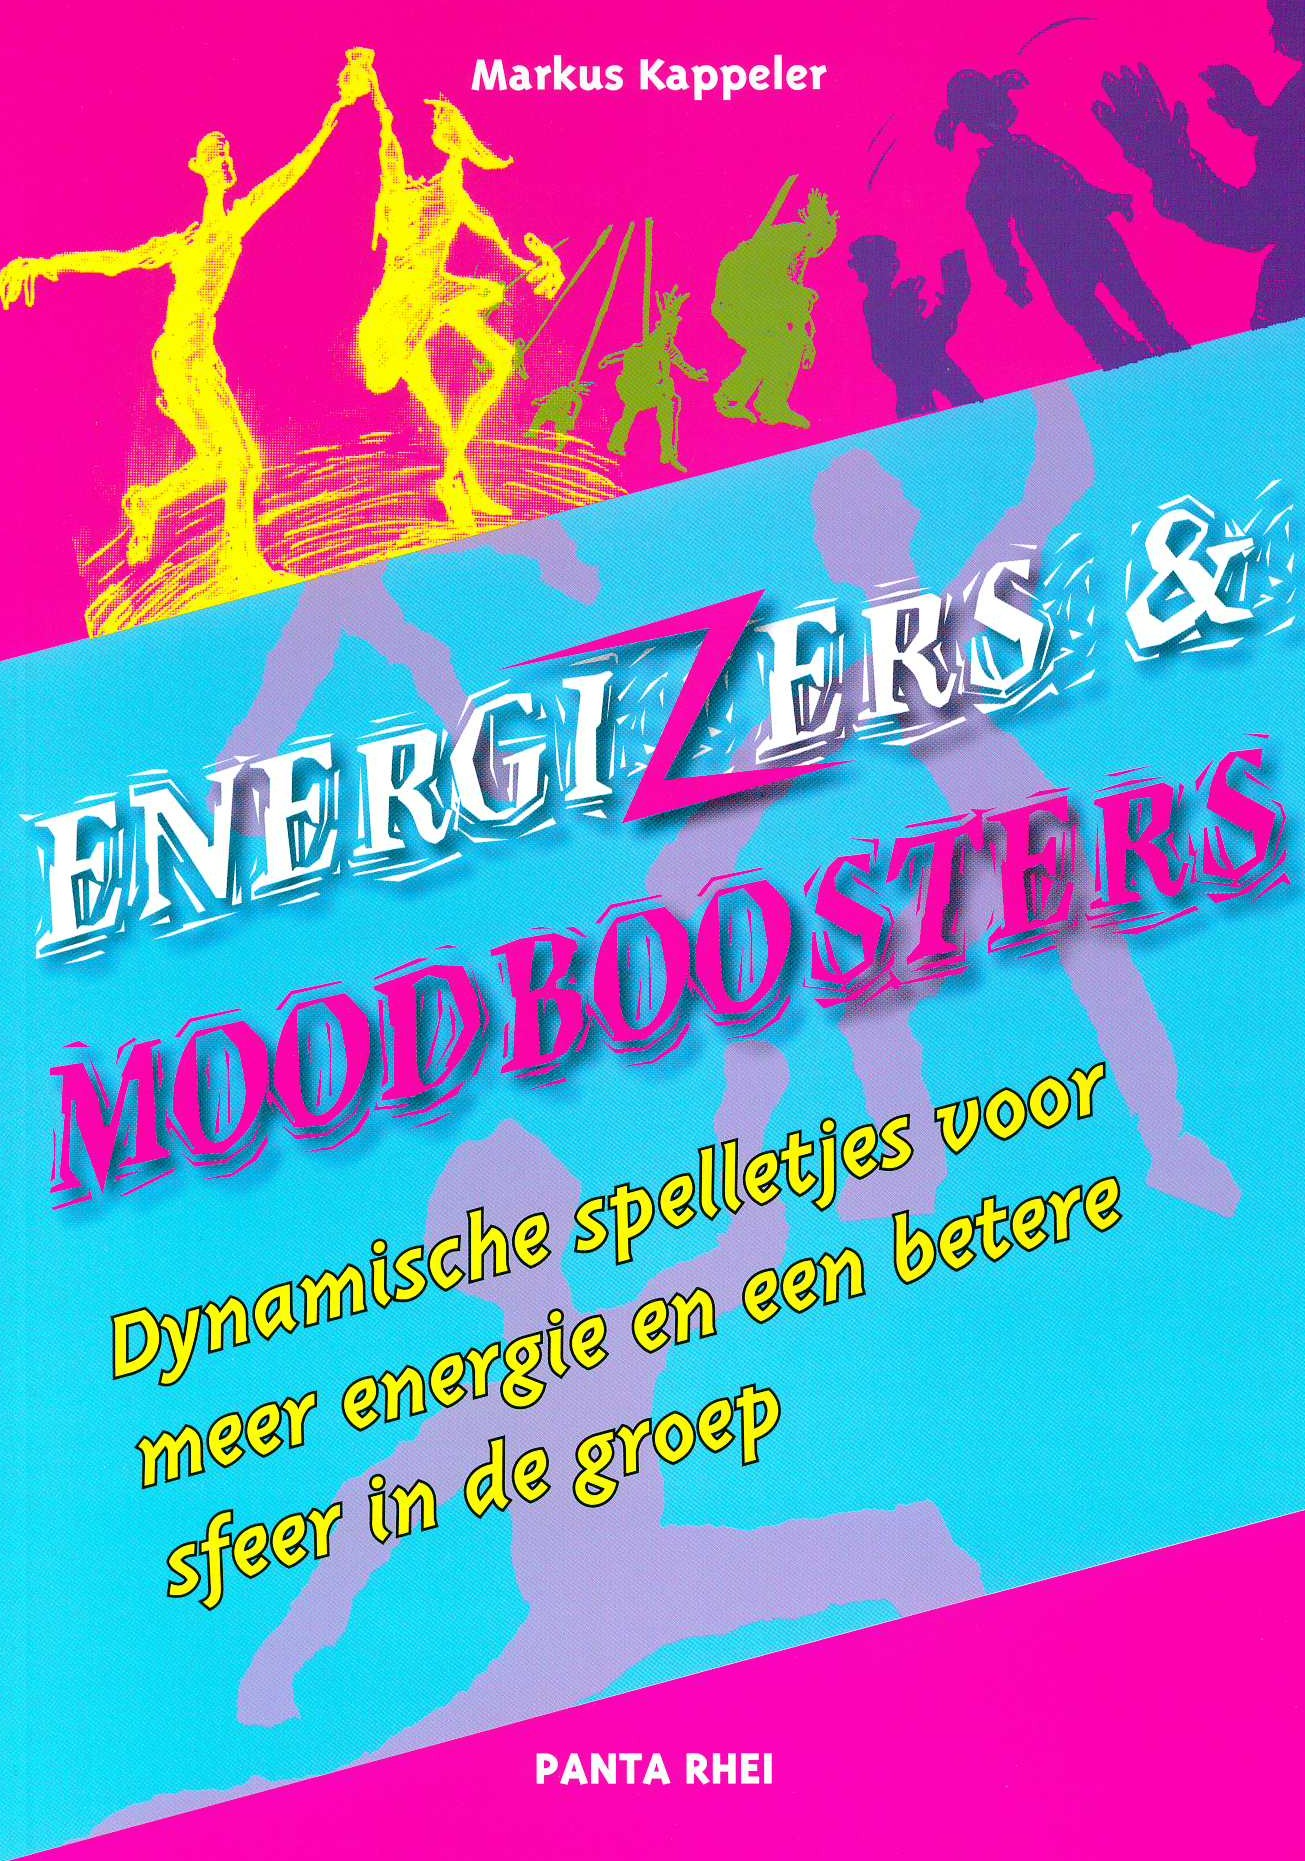 foto van Energizers & moodboosters